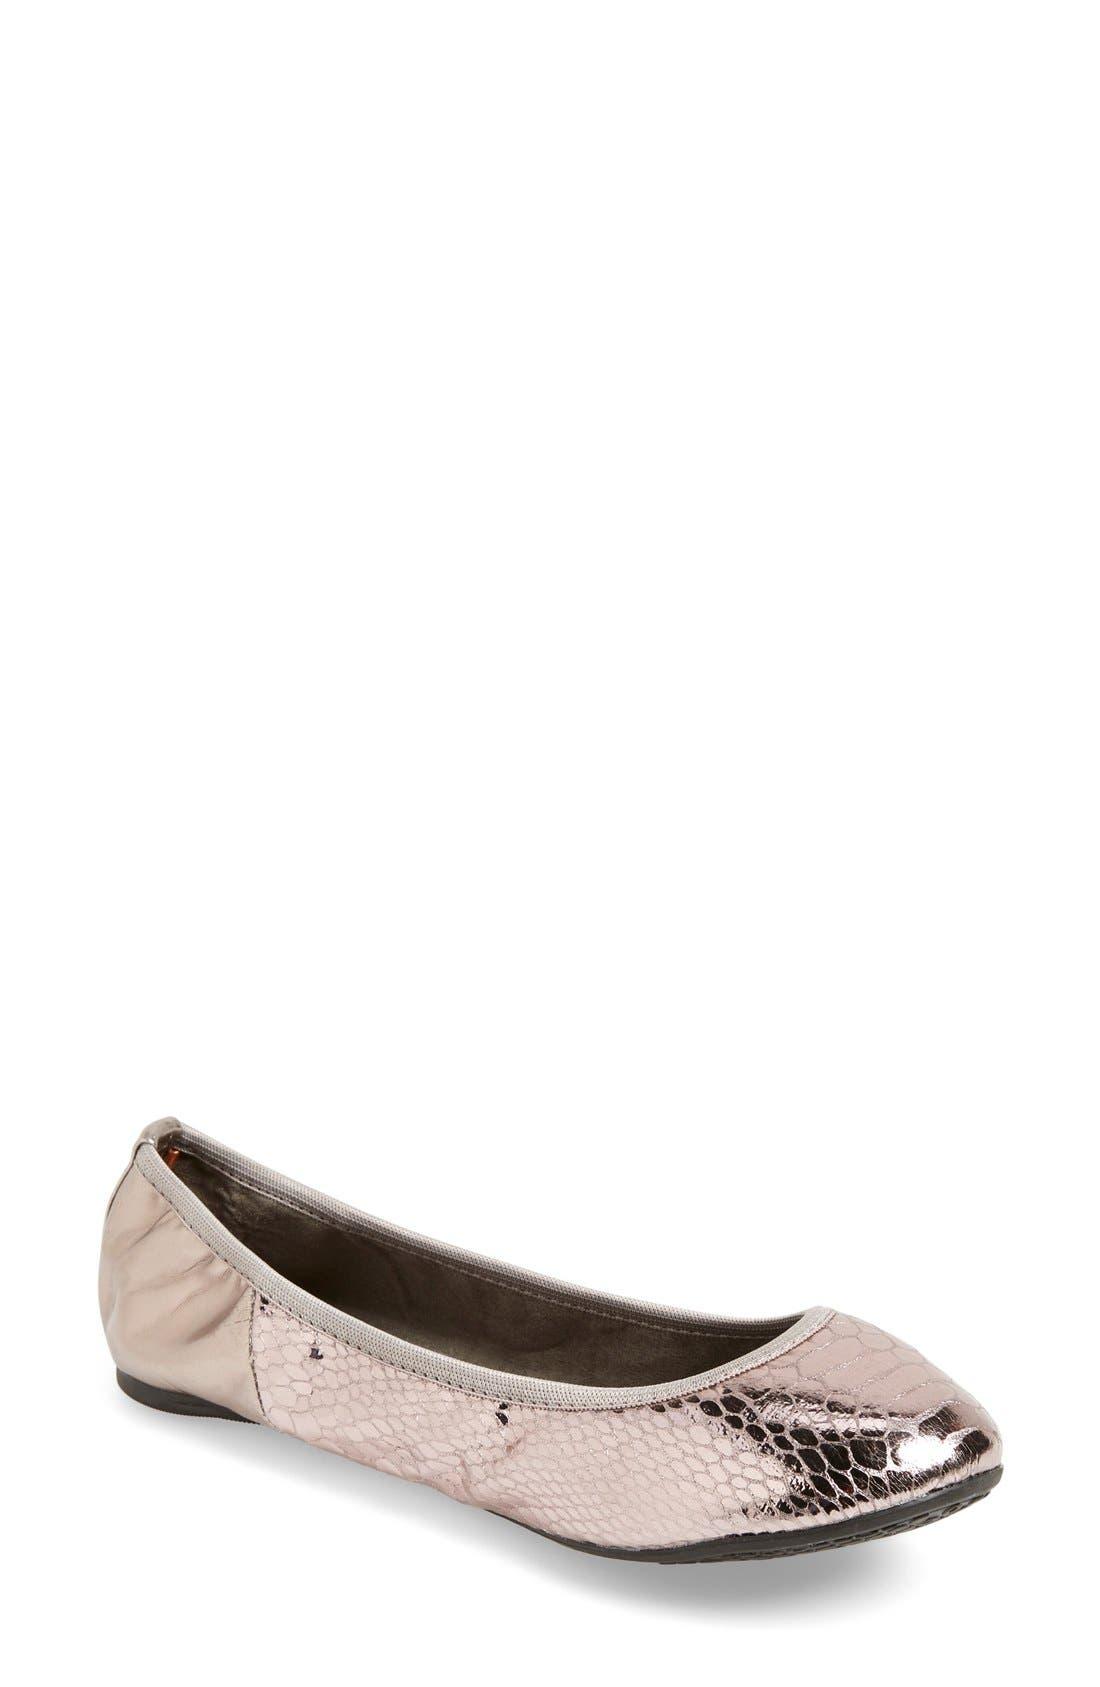 Main Image - Butterfly Twists 'Vivienne' Foldable Ballet Flat (Women)